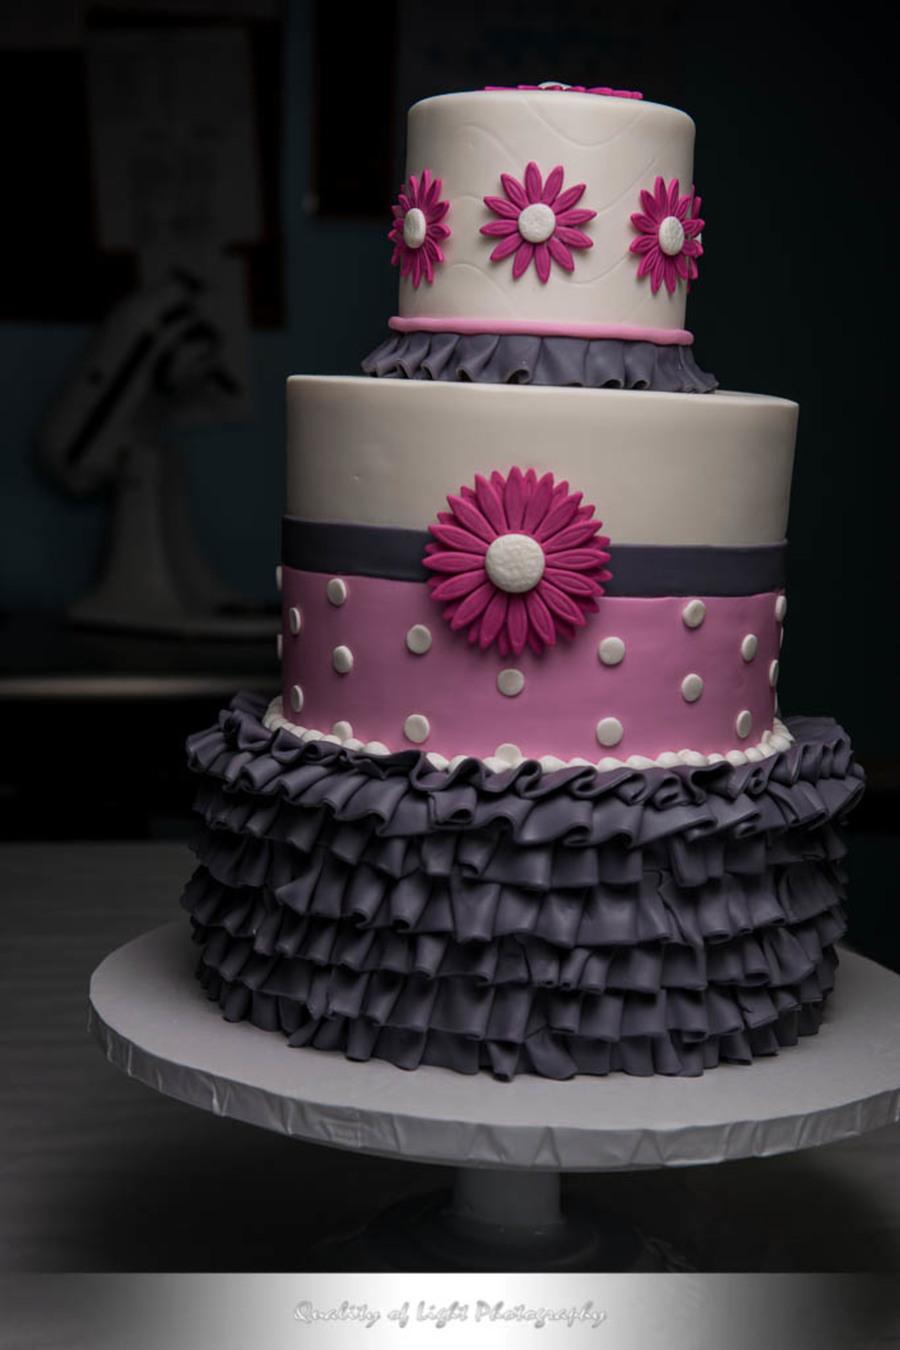 Pink Daisy Cake Decoration : Gerbera Daisy Cake - CakeCentral.com